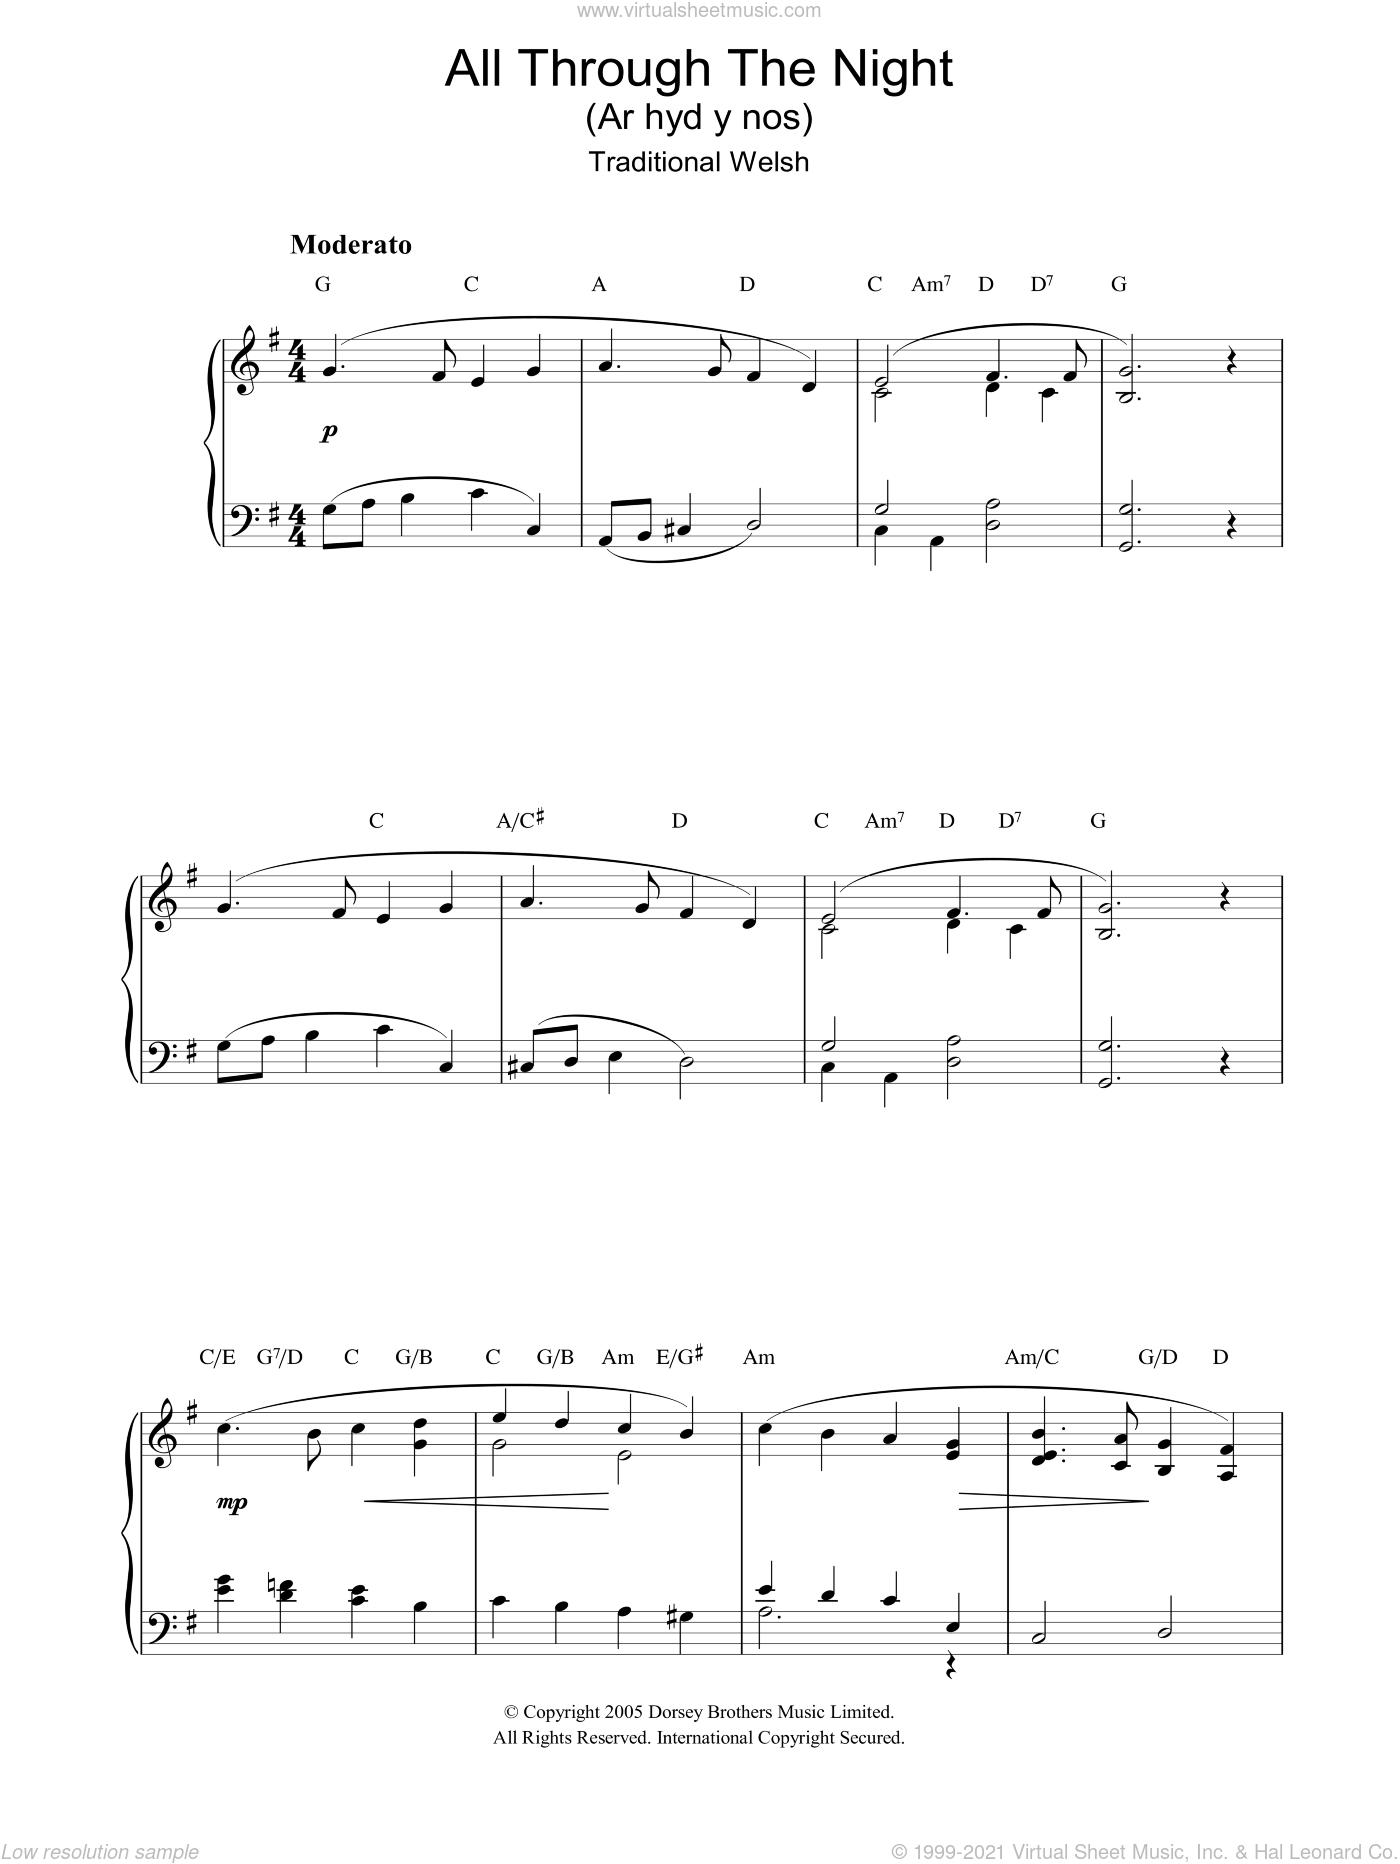 All Through The Night, (intermediate) sheet music for piano solo, intermediate skill level